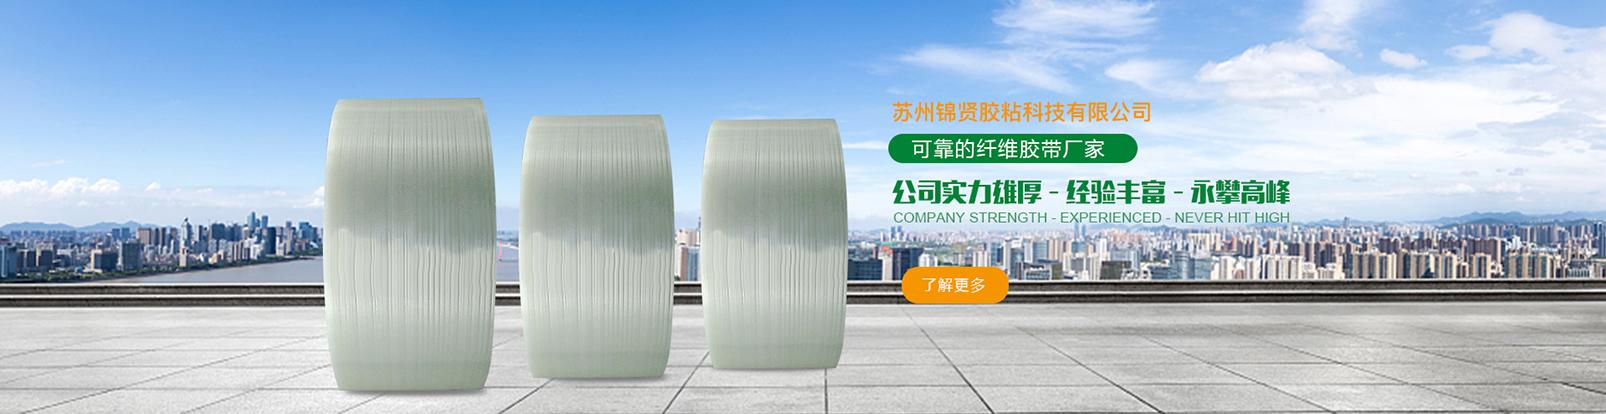 蘇州錦賢膠粘科技有限公司